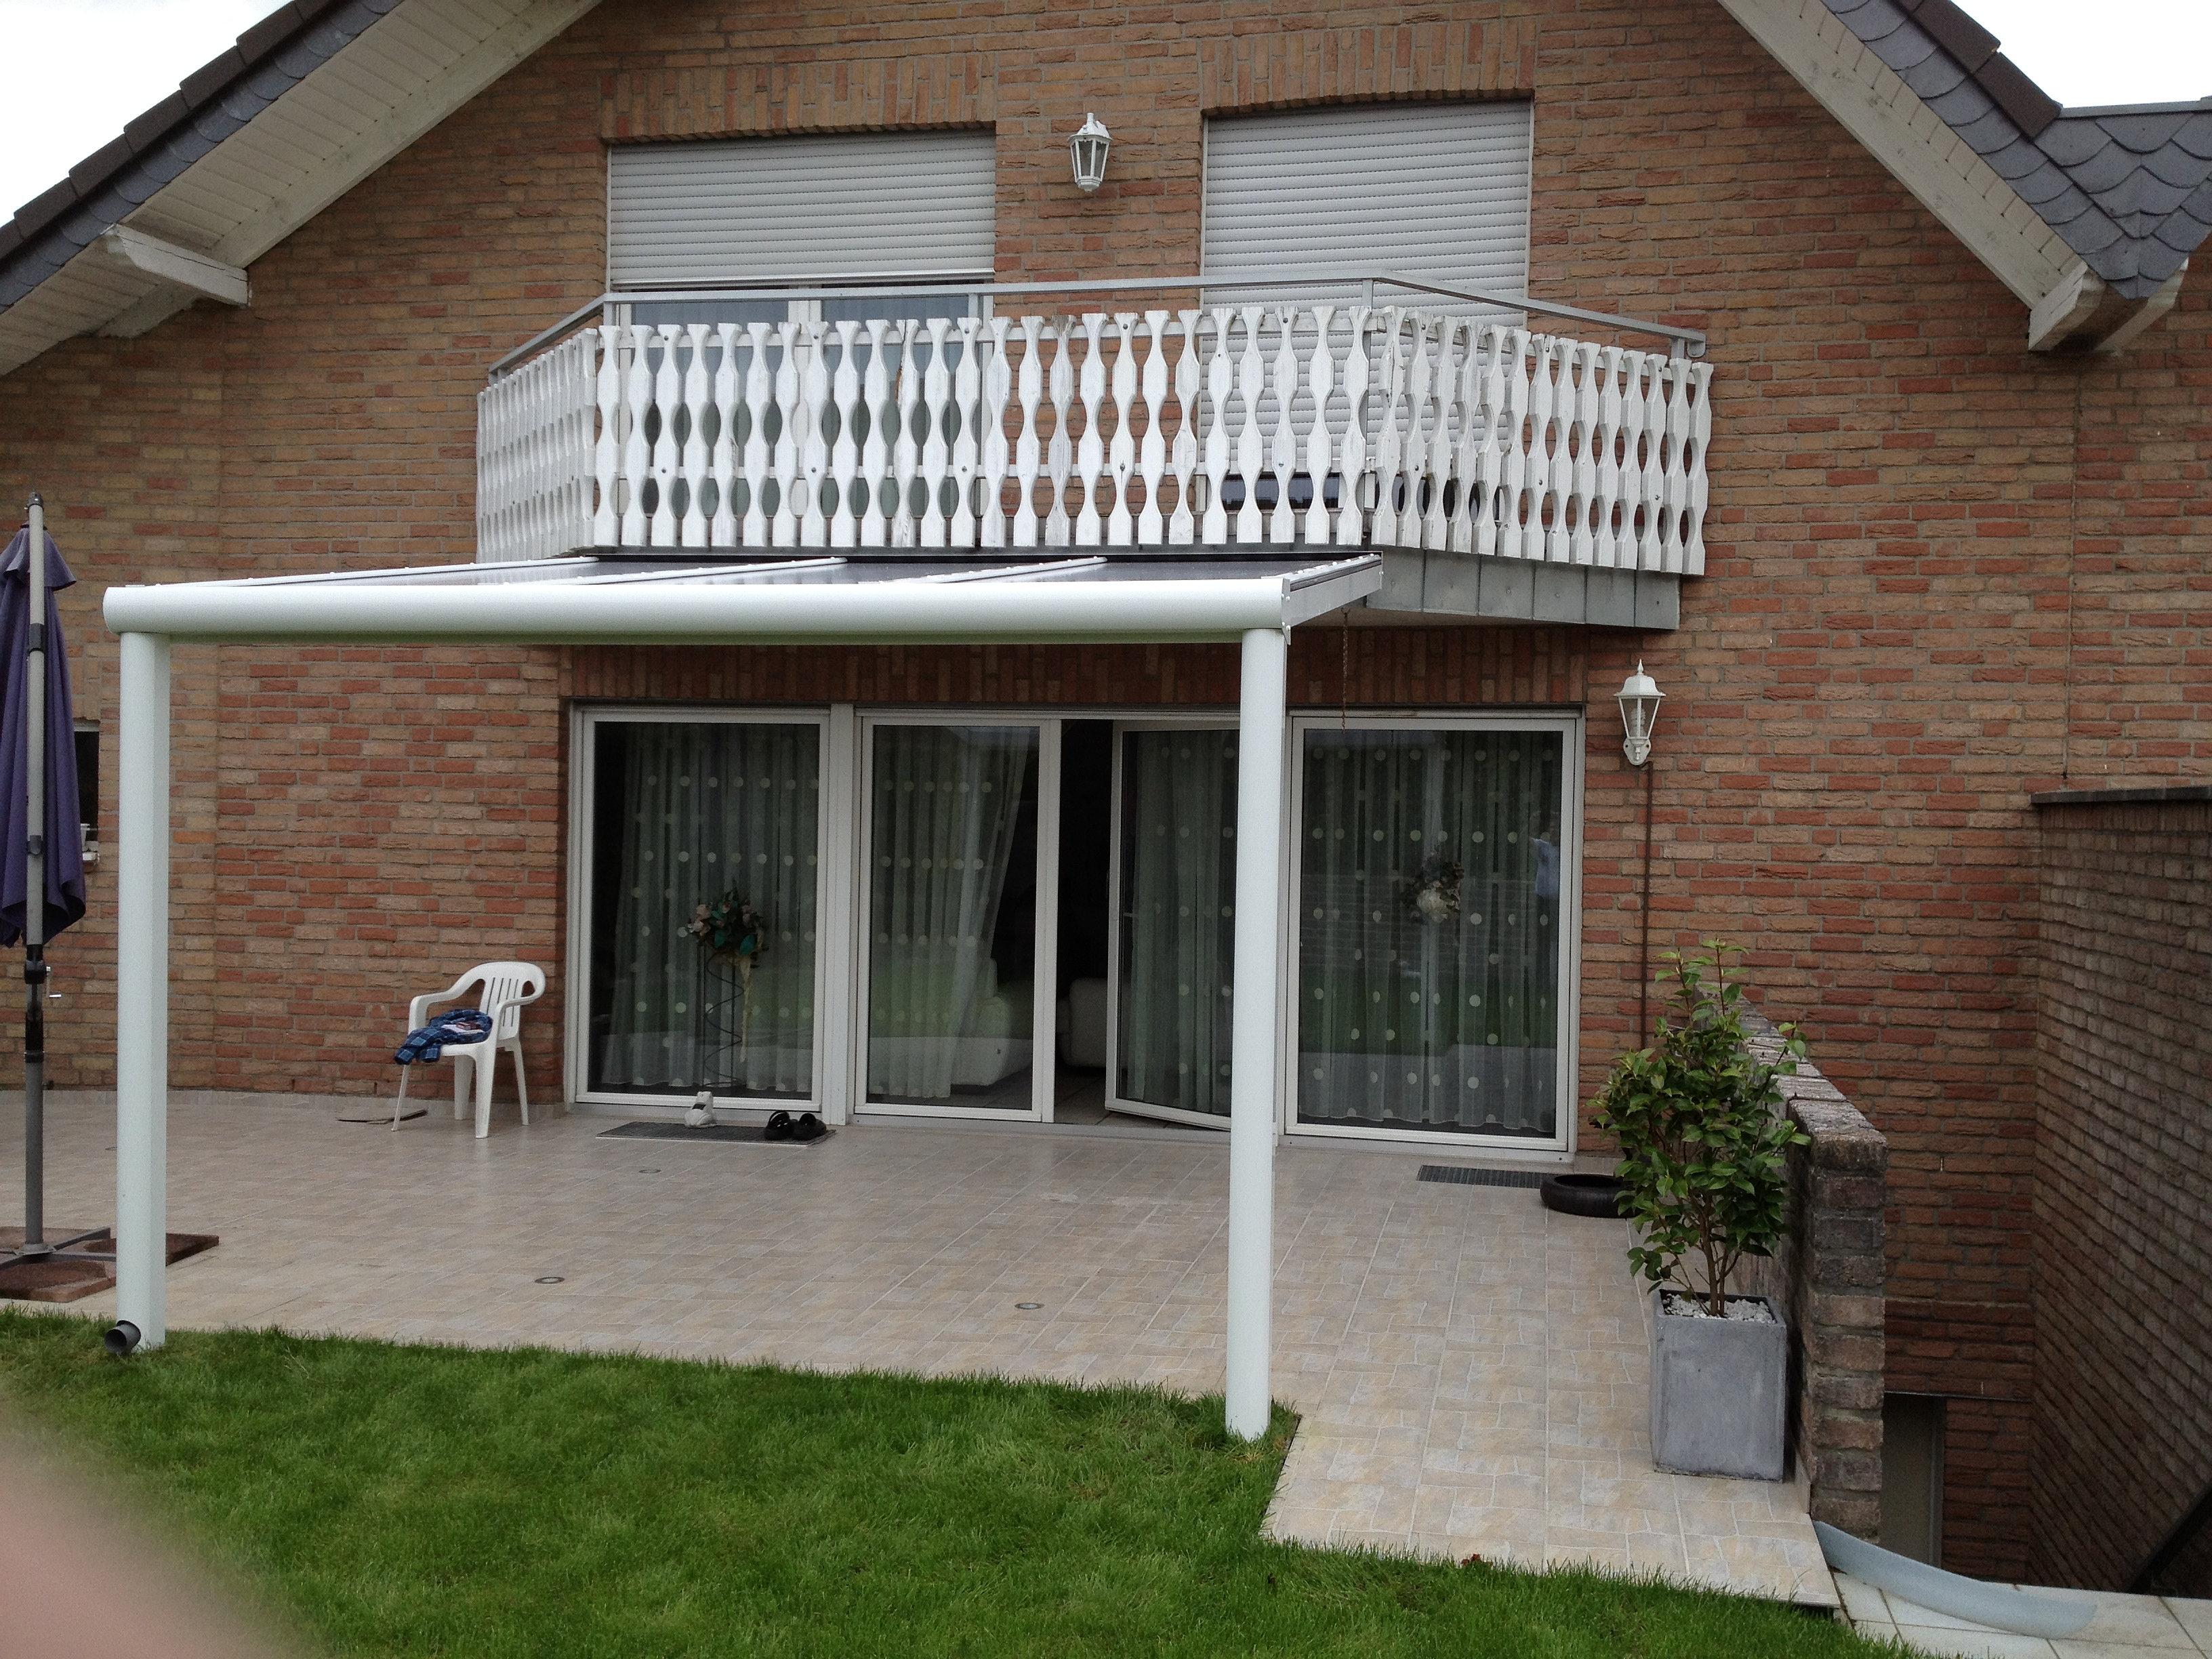 wintergarten und terrassen berdachungen terrassendach angebote preise img 0020 jpg. Black Bedroom Furniture Sets. Home Design Ideas